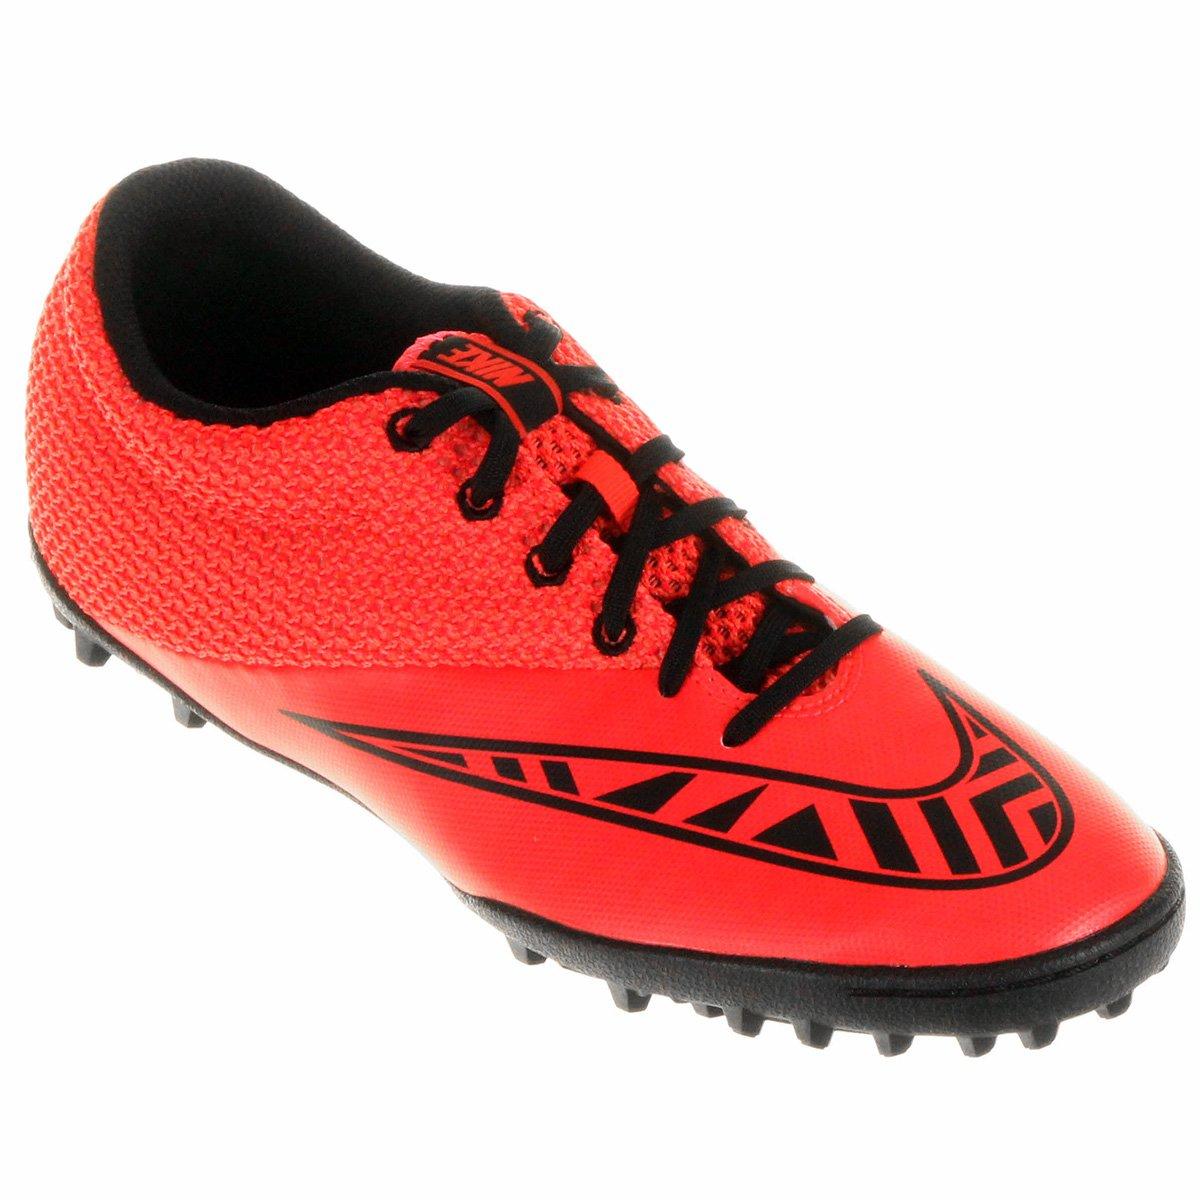 d2c628e766 Chuteira Nike Mercurial Pro TF Society - Compre Agora